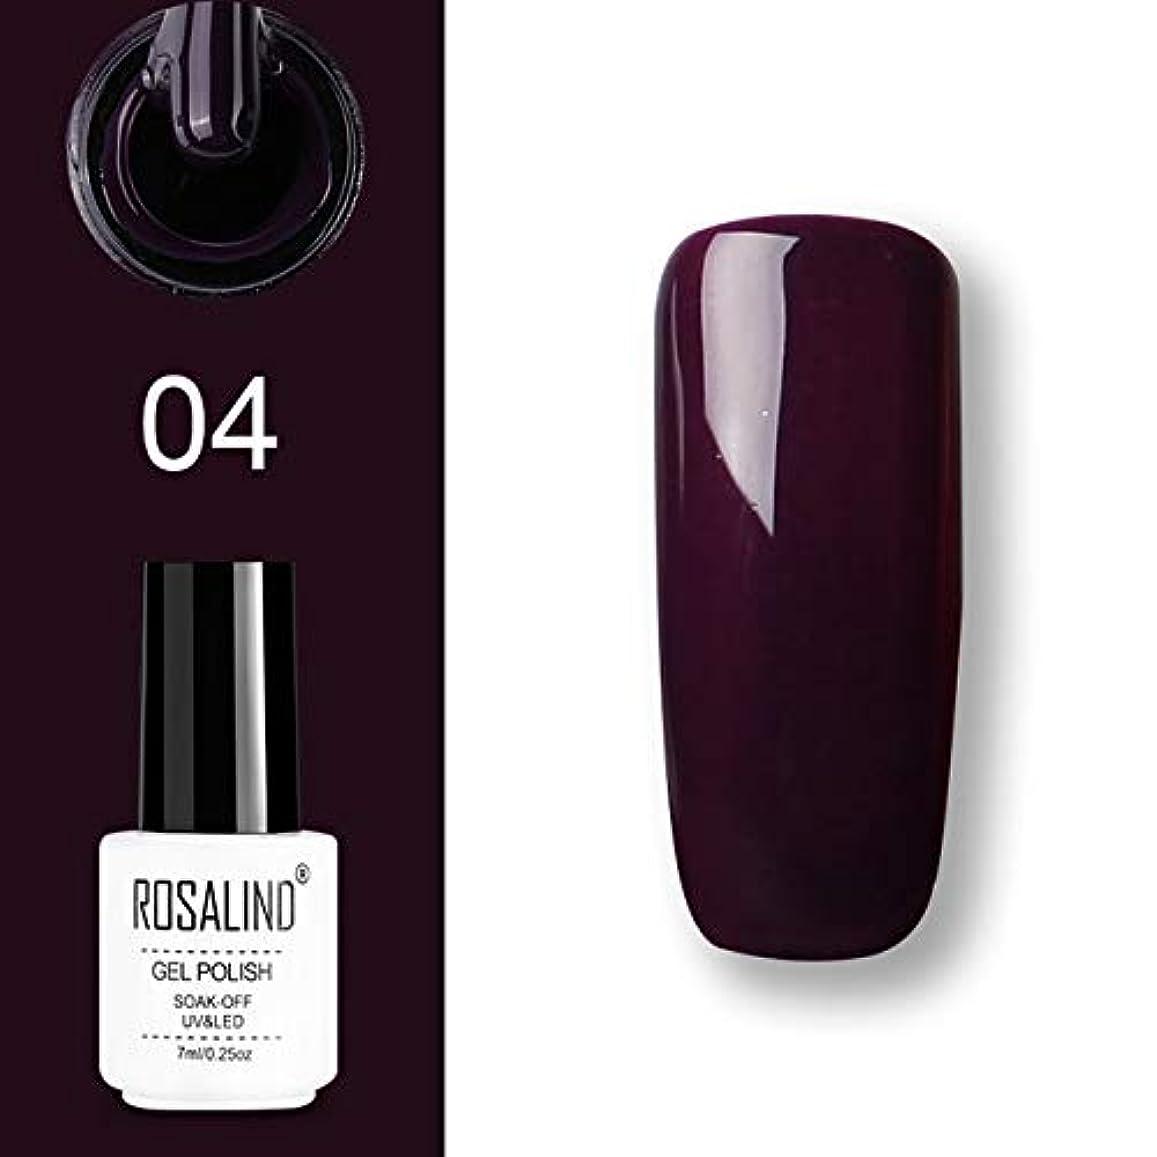 リス地雷原いつファッションアイテム ROSALINDジェルポリッシュセットUVセミパーマネントプライマートップコートポリジェルニスネイルアートマニキュアジェル、濃い紫色,容量:7ml 04。 環境に優しいマニキュア